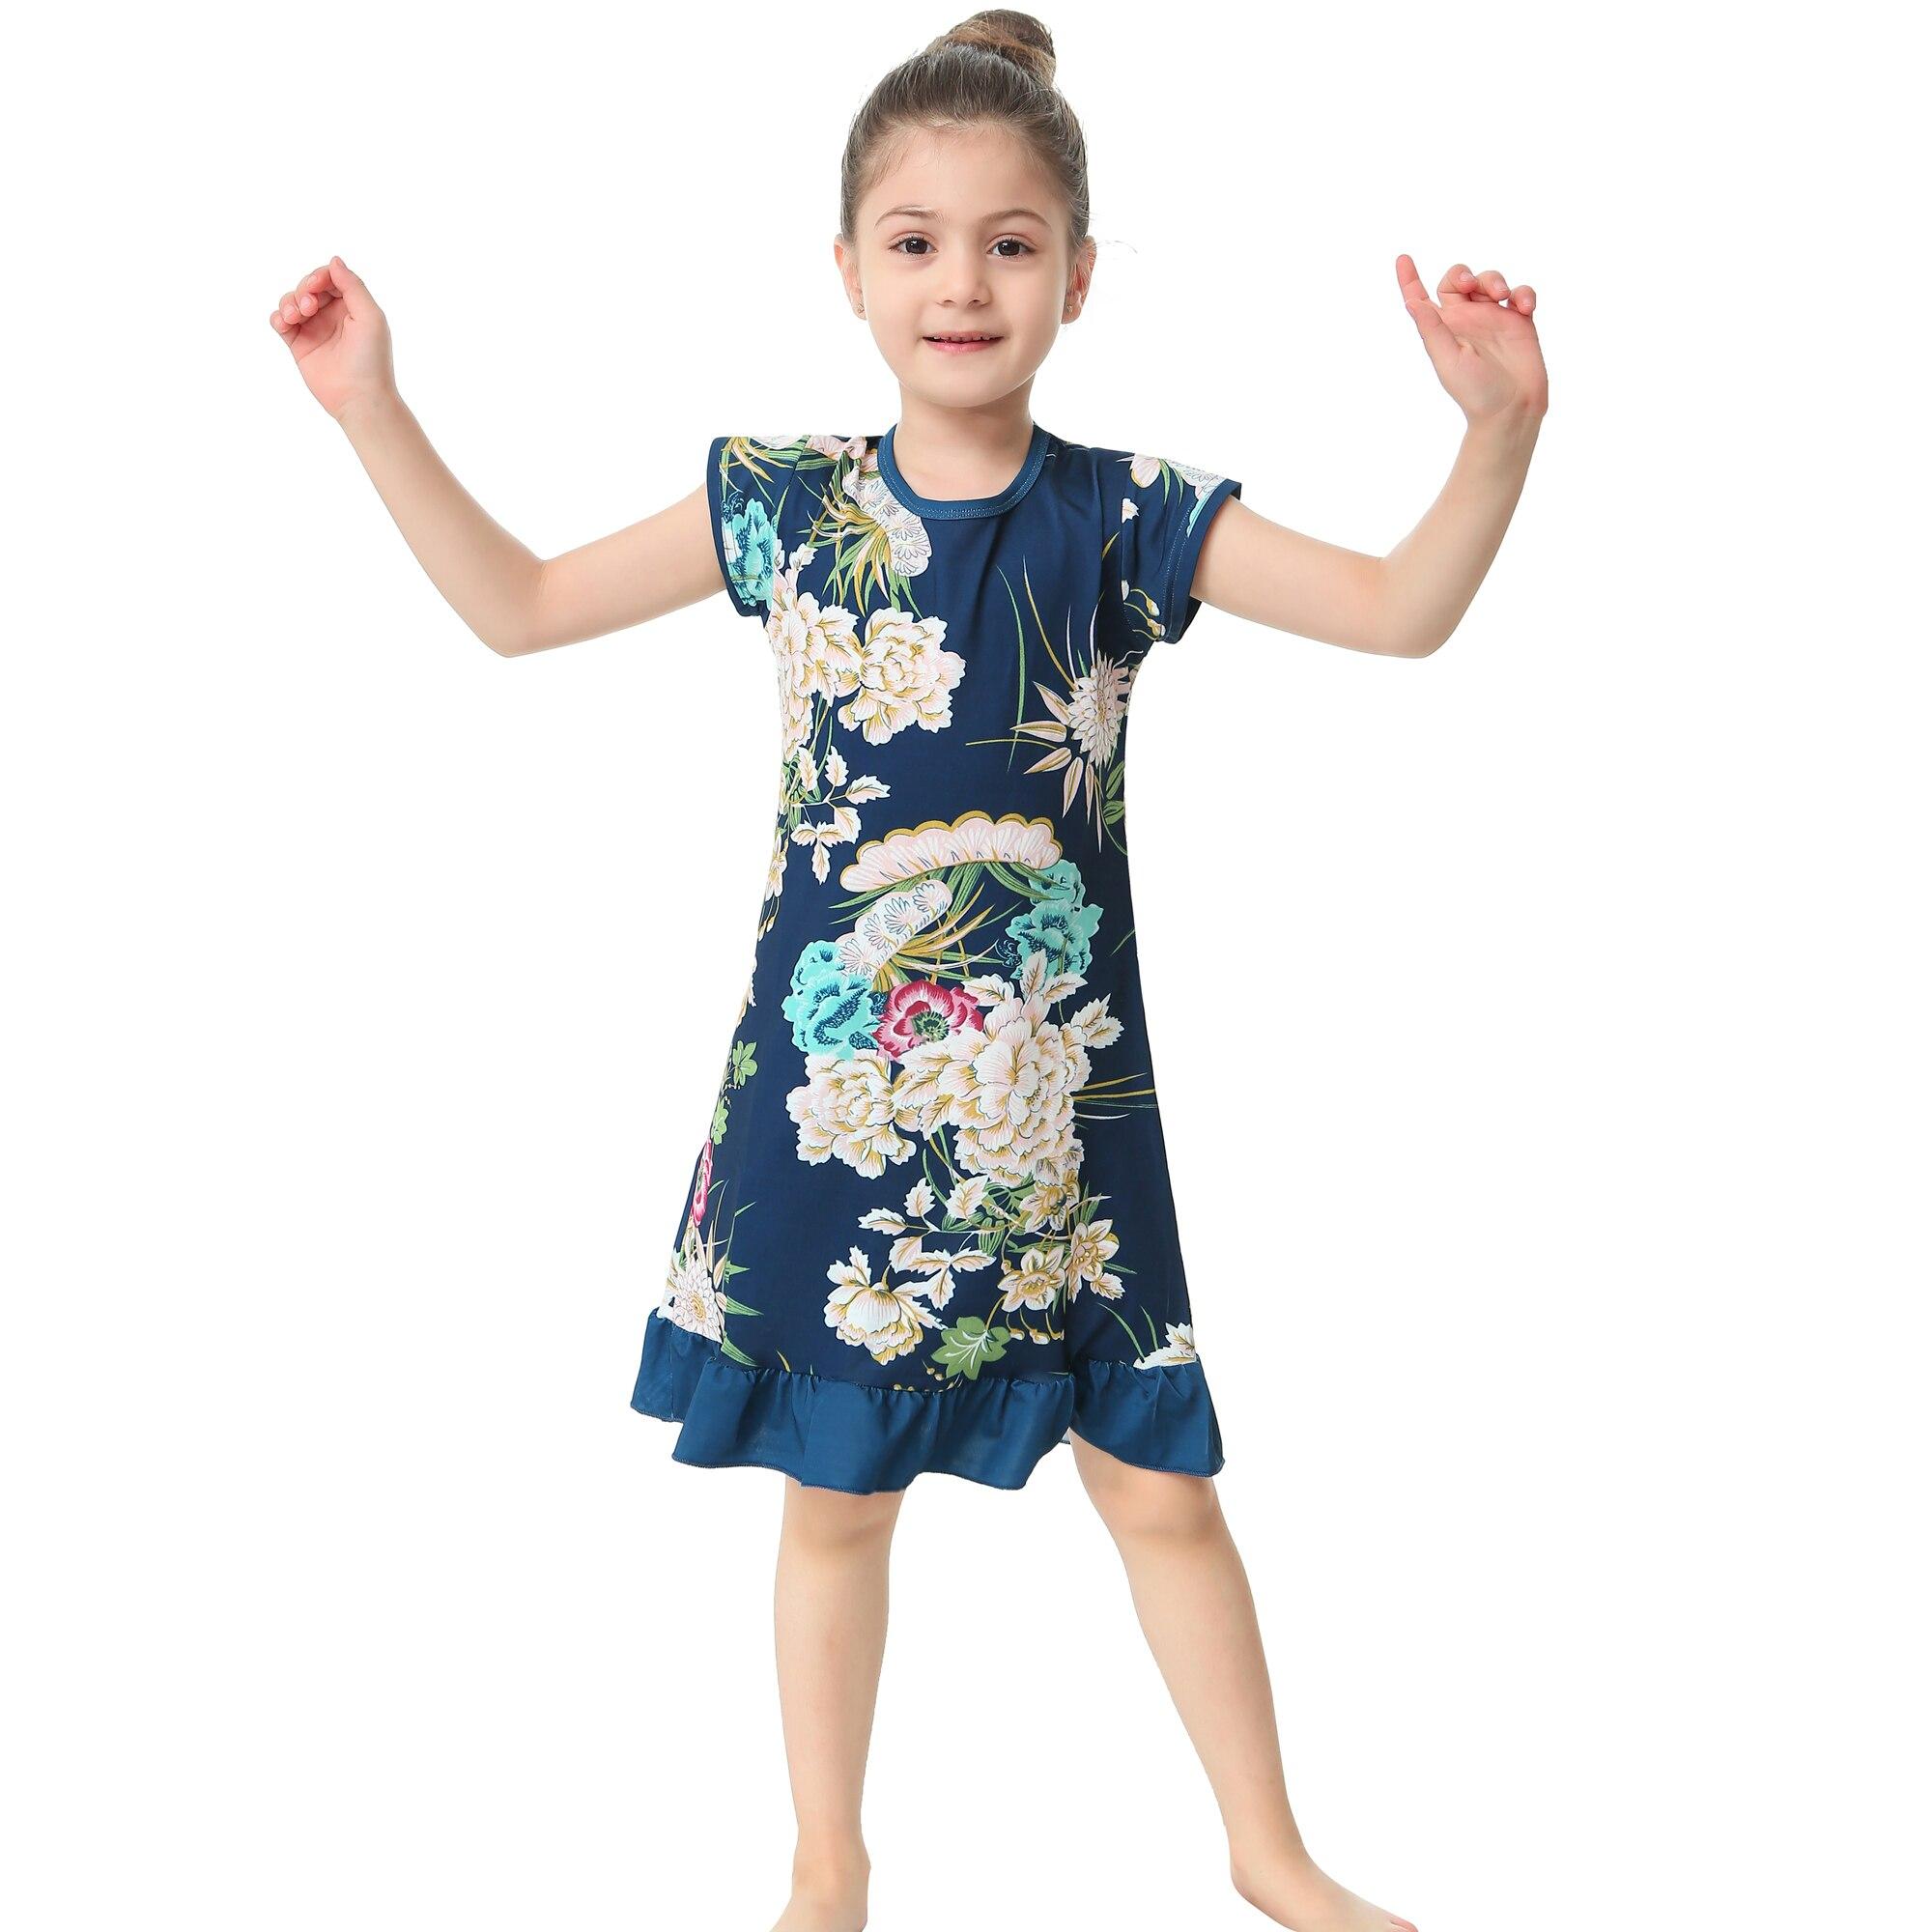 271 26 De Descuento2019 Nuevo Diseño Niñas 3d Vestidos De Impresión De Flores Niños Niñas Princesa Castillo Vestido Vestidos De Bebé Ropa Para